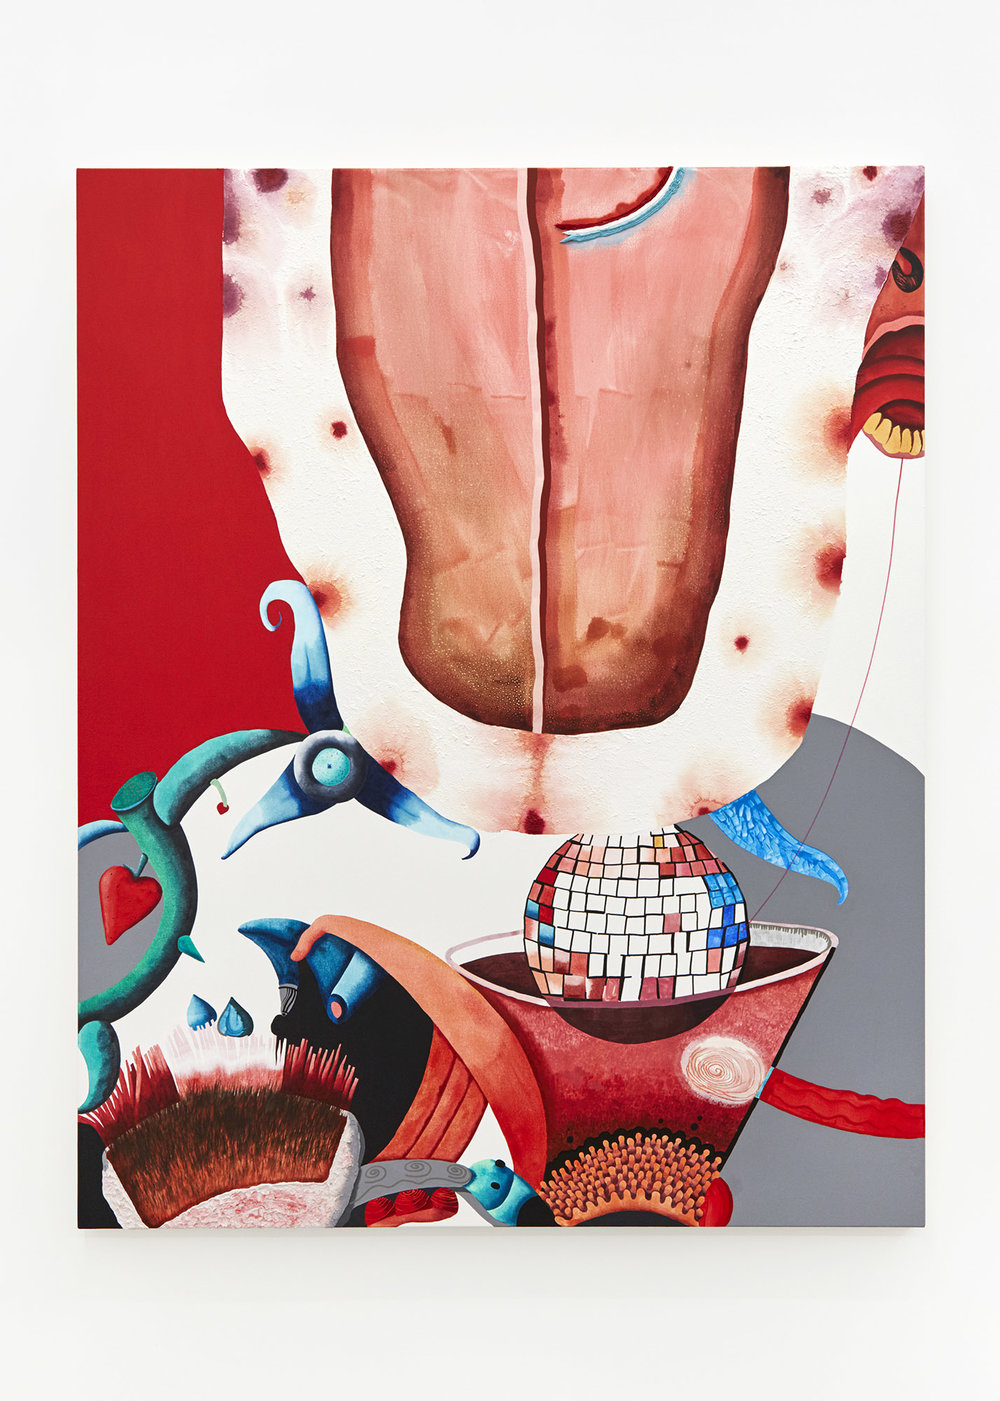 Tongue Acrylic on canvas 150 x 120cm, 2018